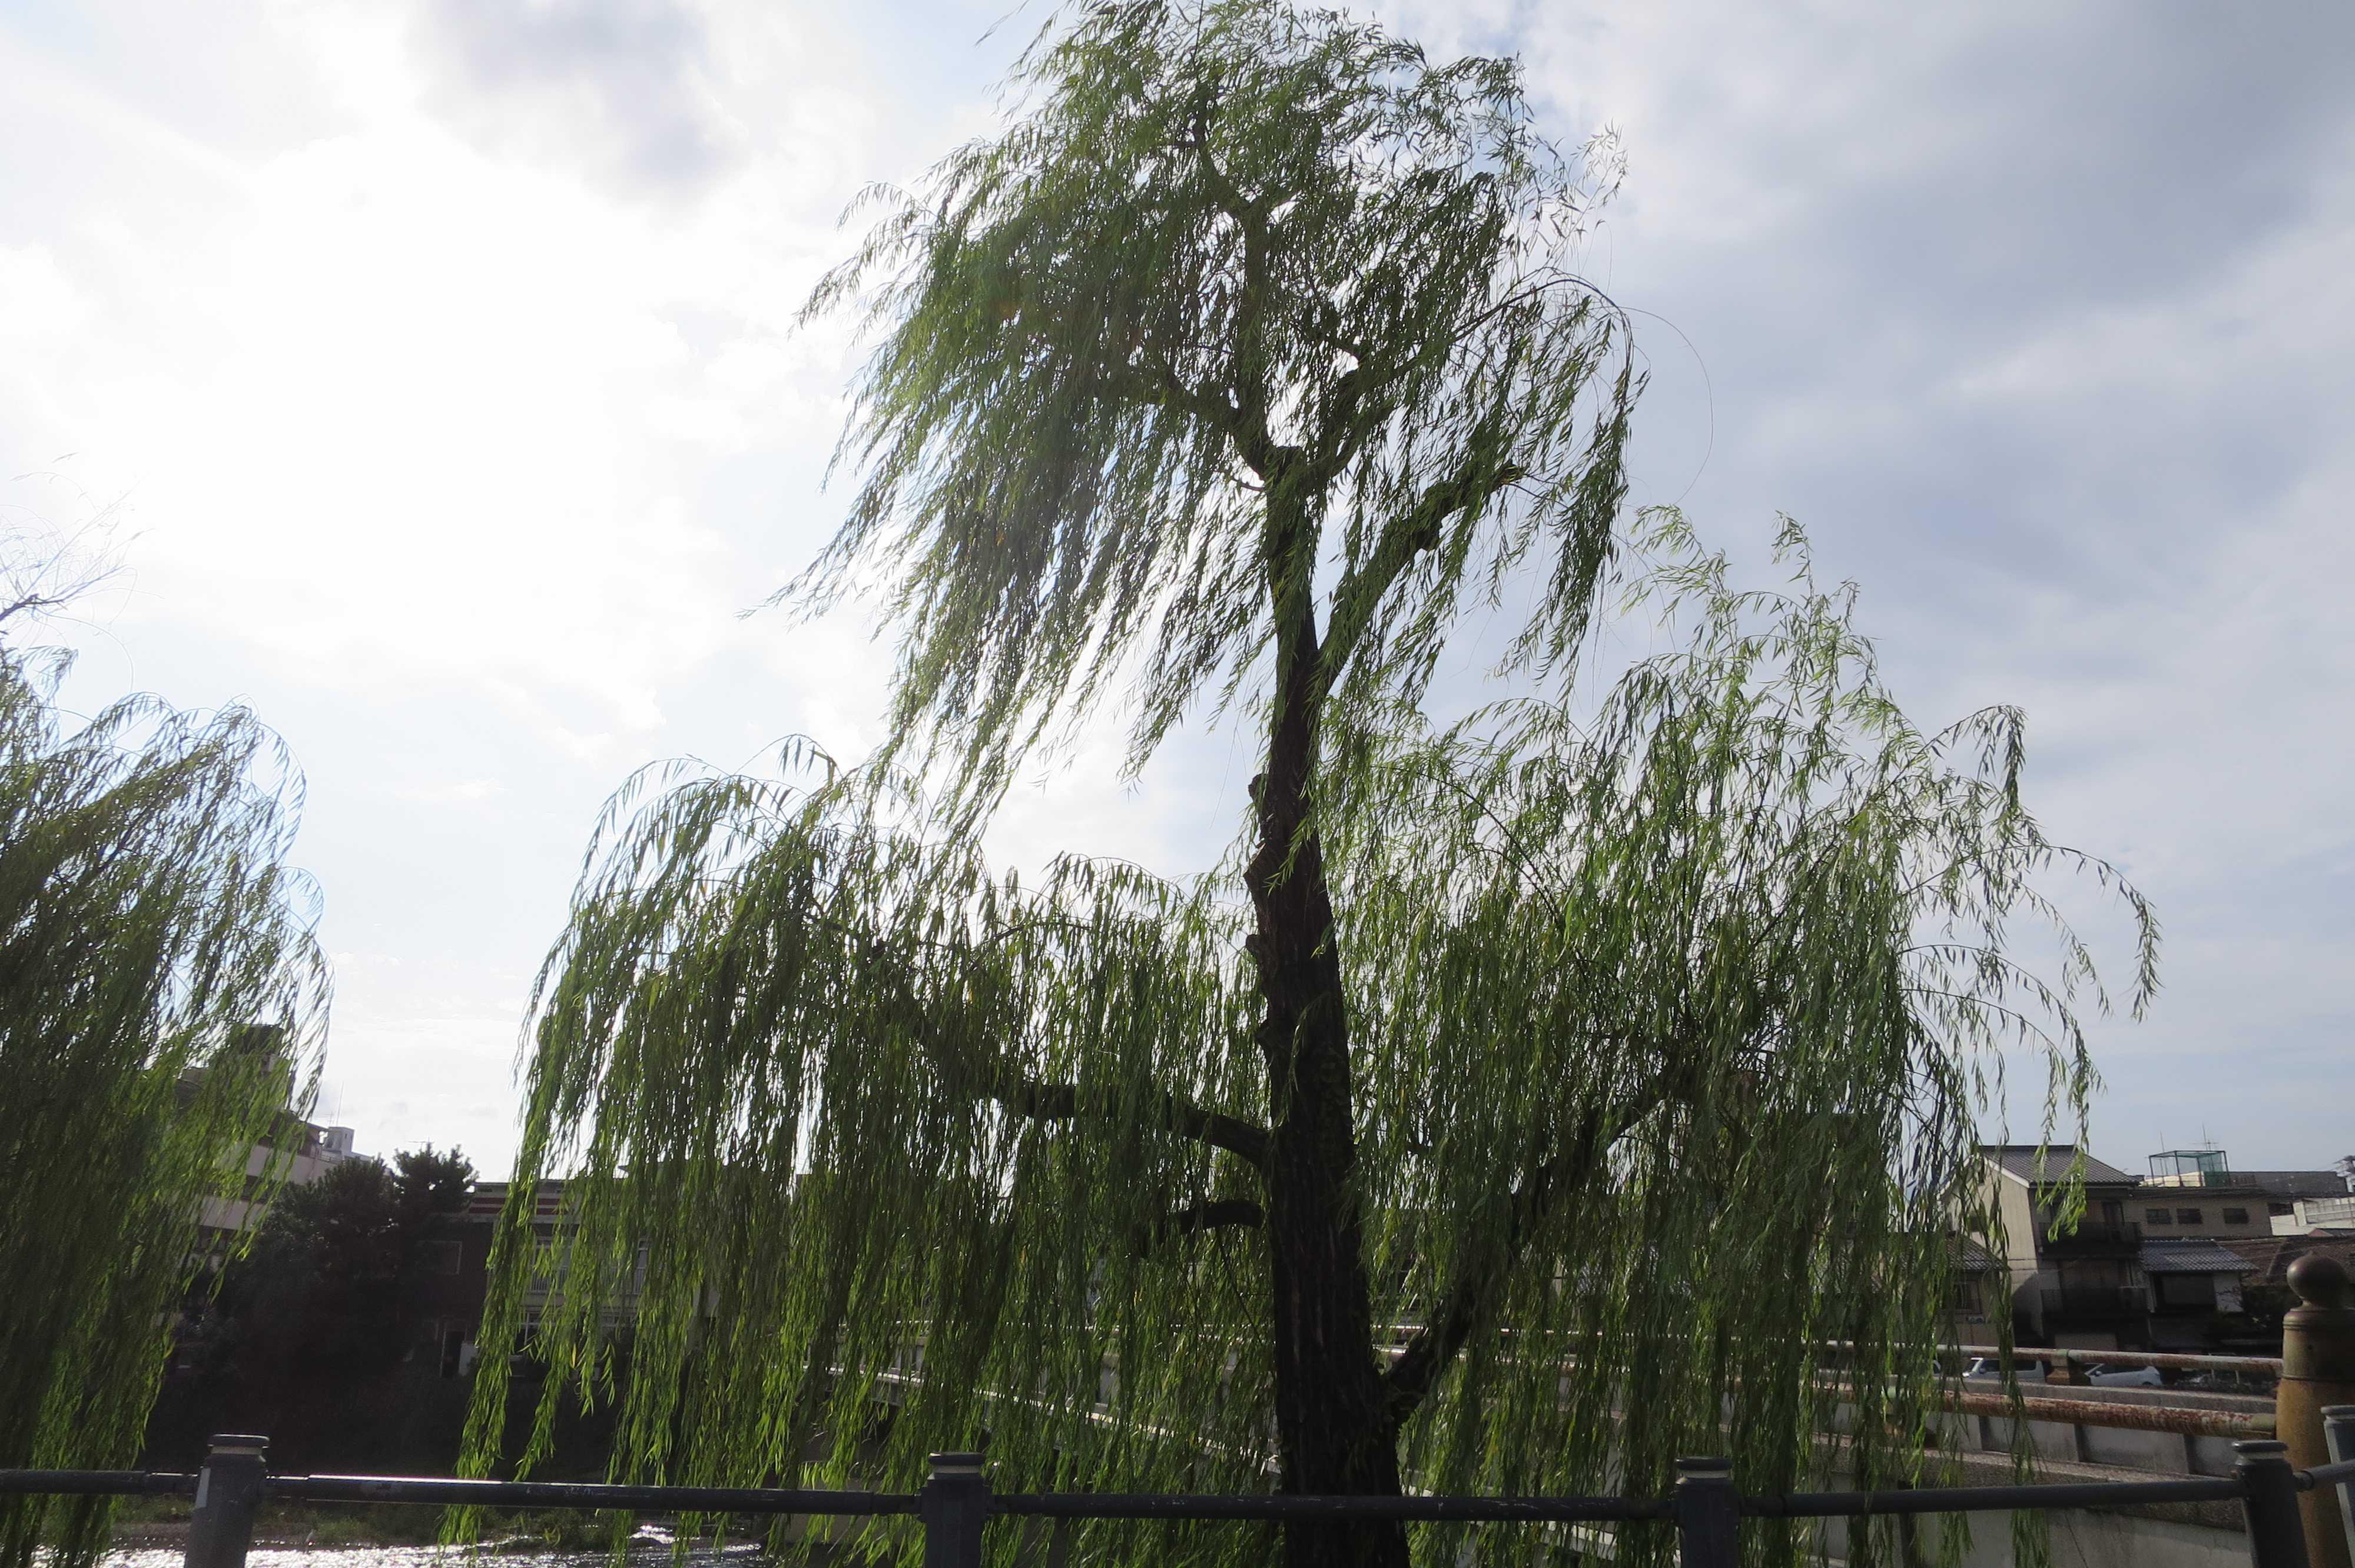 京都 - 正面橋たもとの柳の木